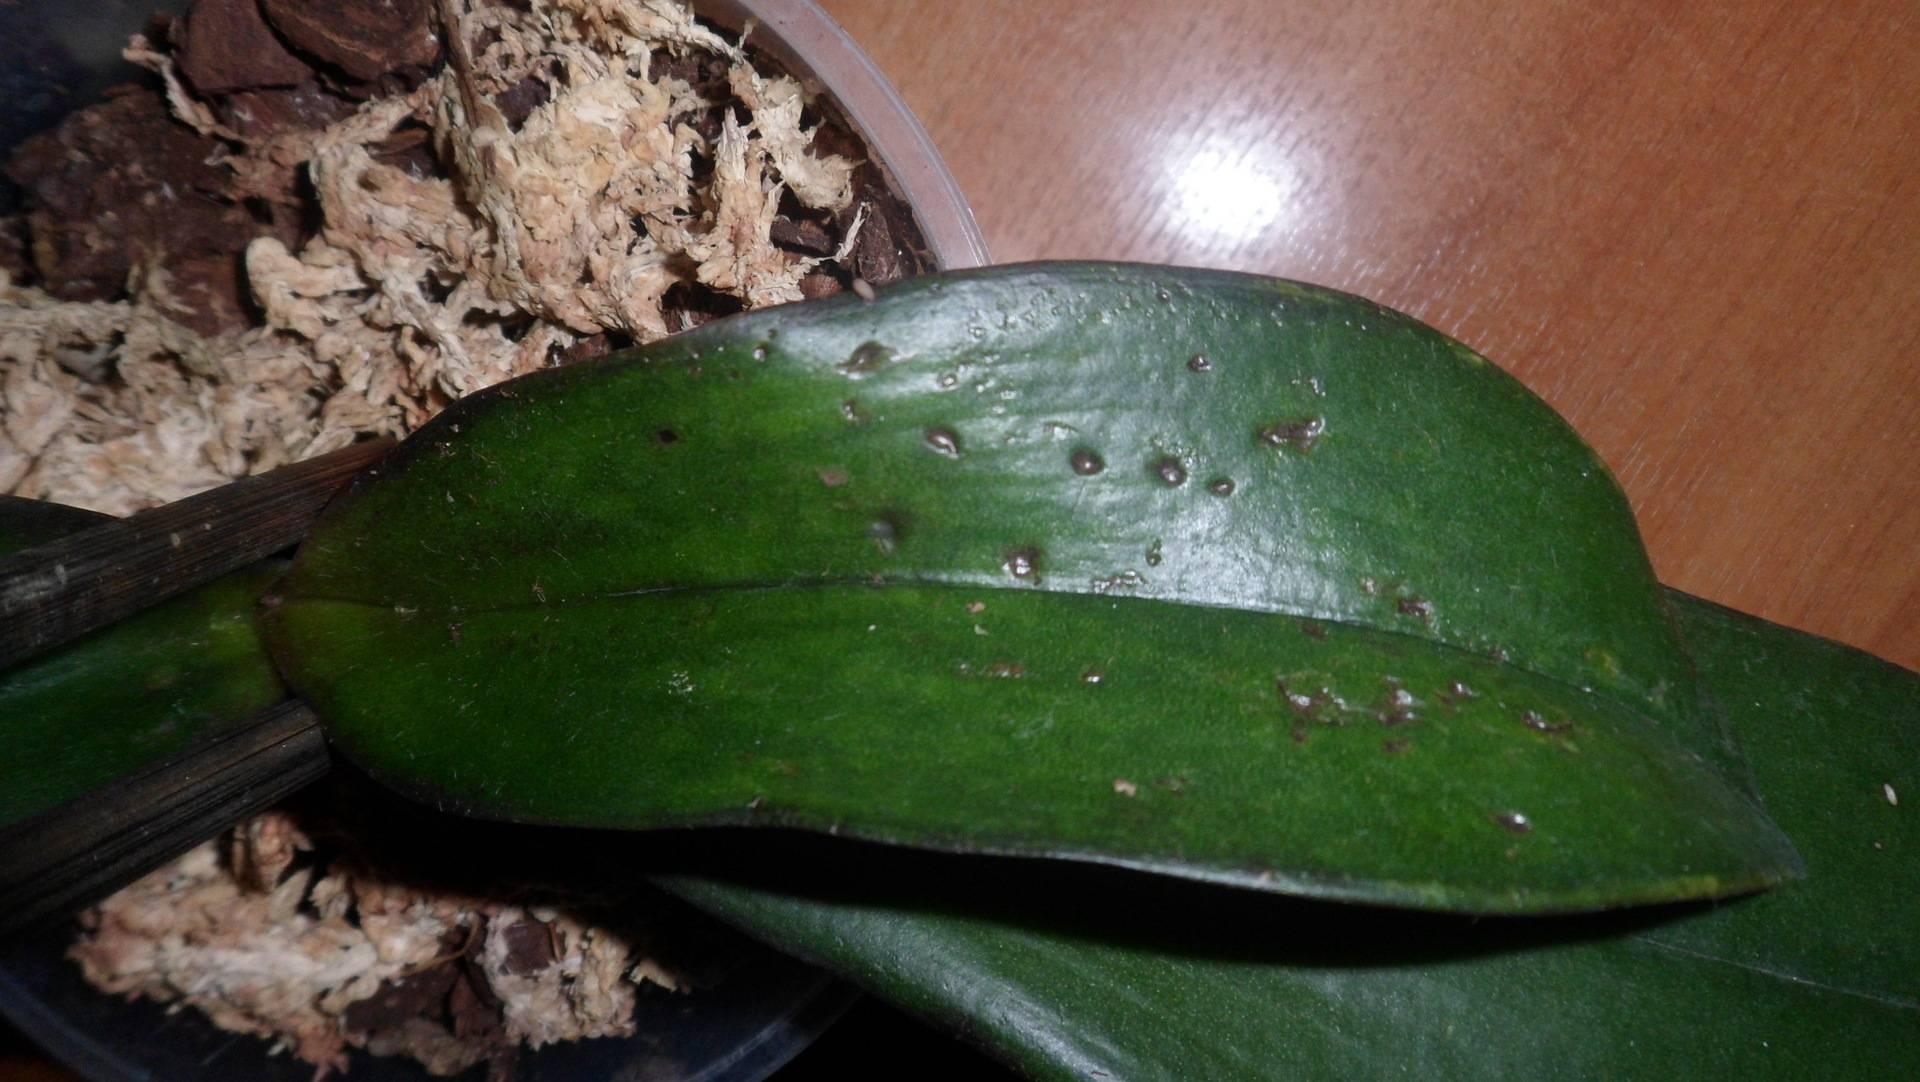 Желтеют листья у орхидеи - почему и что делать в этой ситуации?